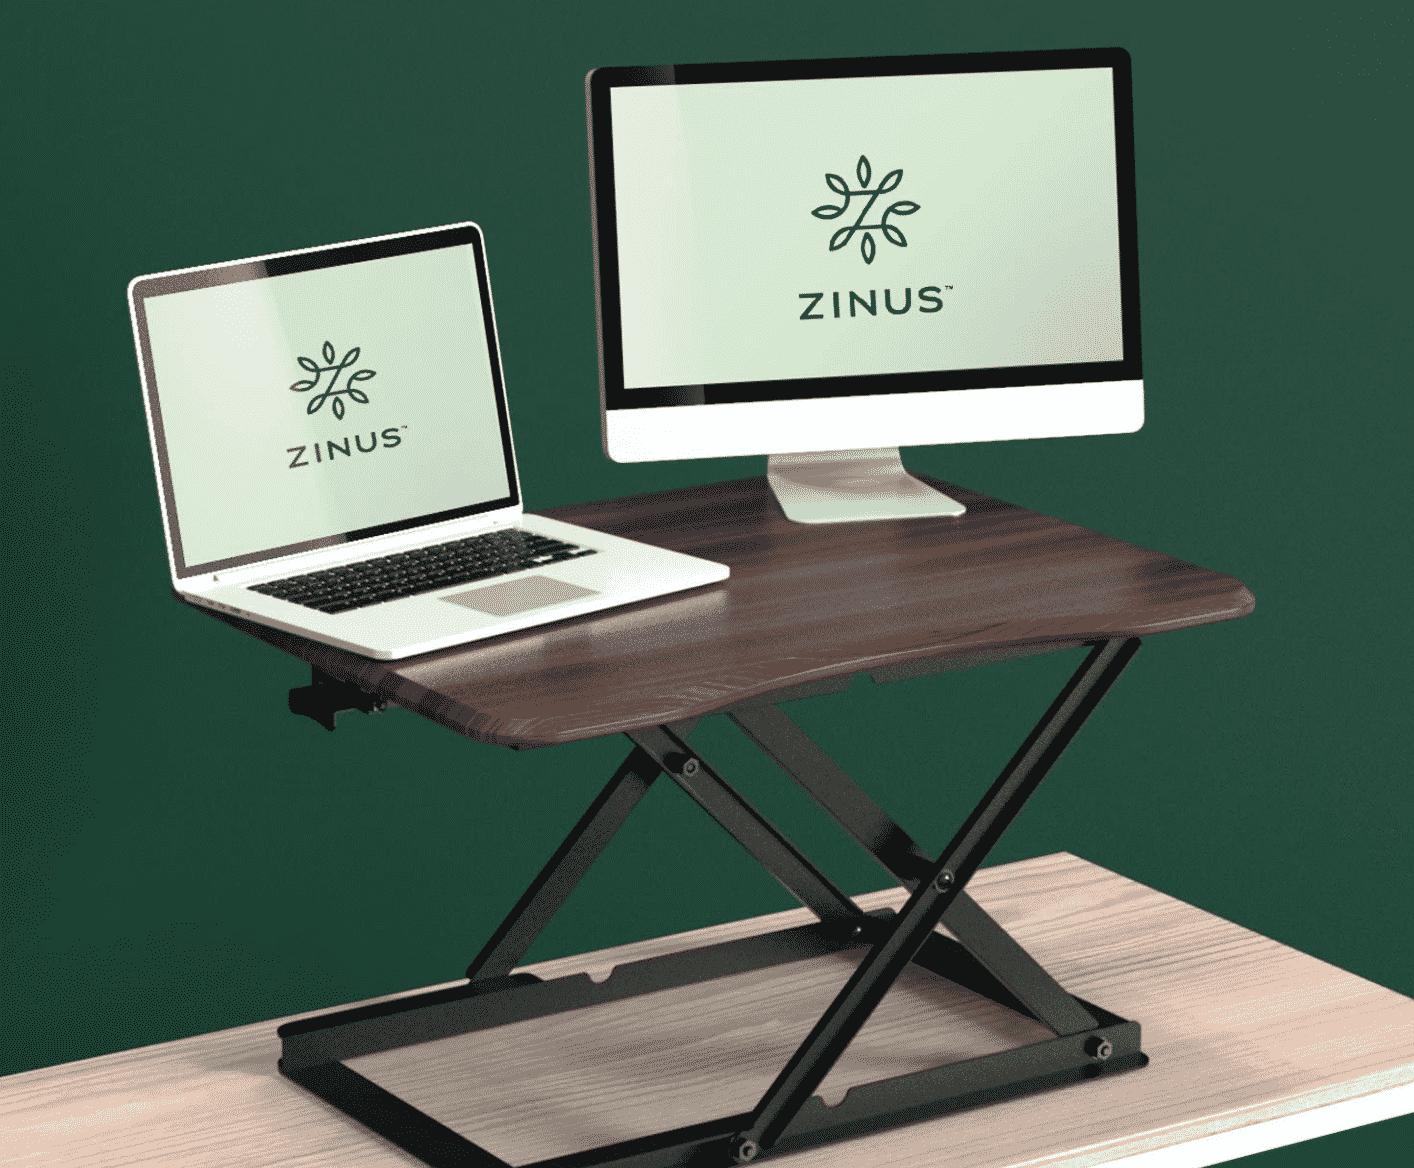 Zinus Molly Smart Adjust Standing Desk